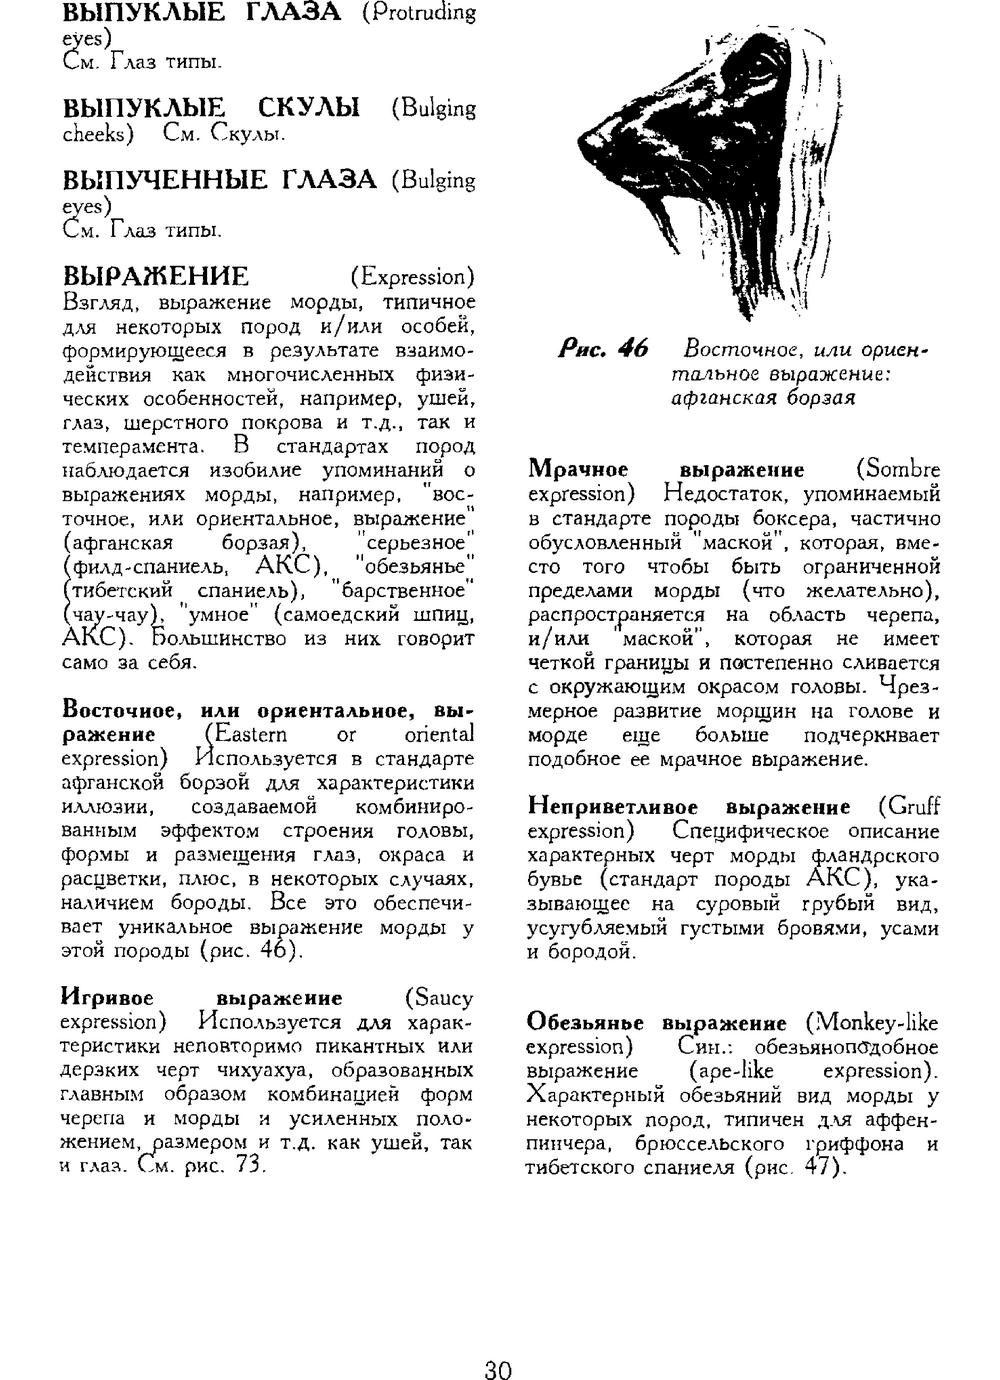 http://i4.imageban.ru/out/2013/11/25/3c1cf0f48777e816705423bb7d6daf65.jpg